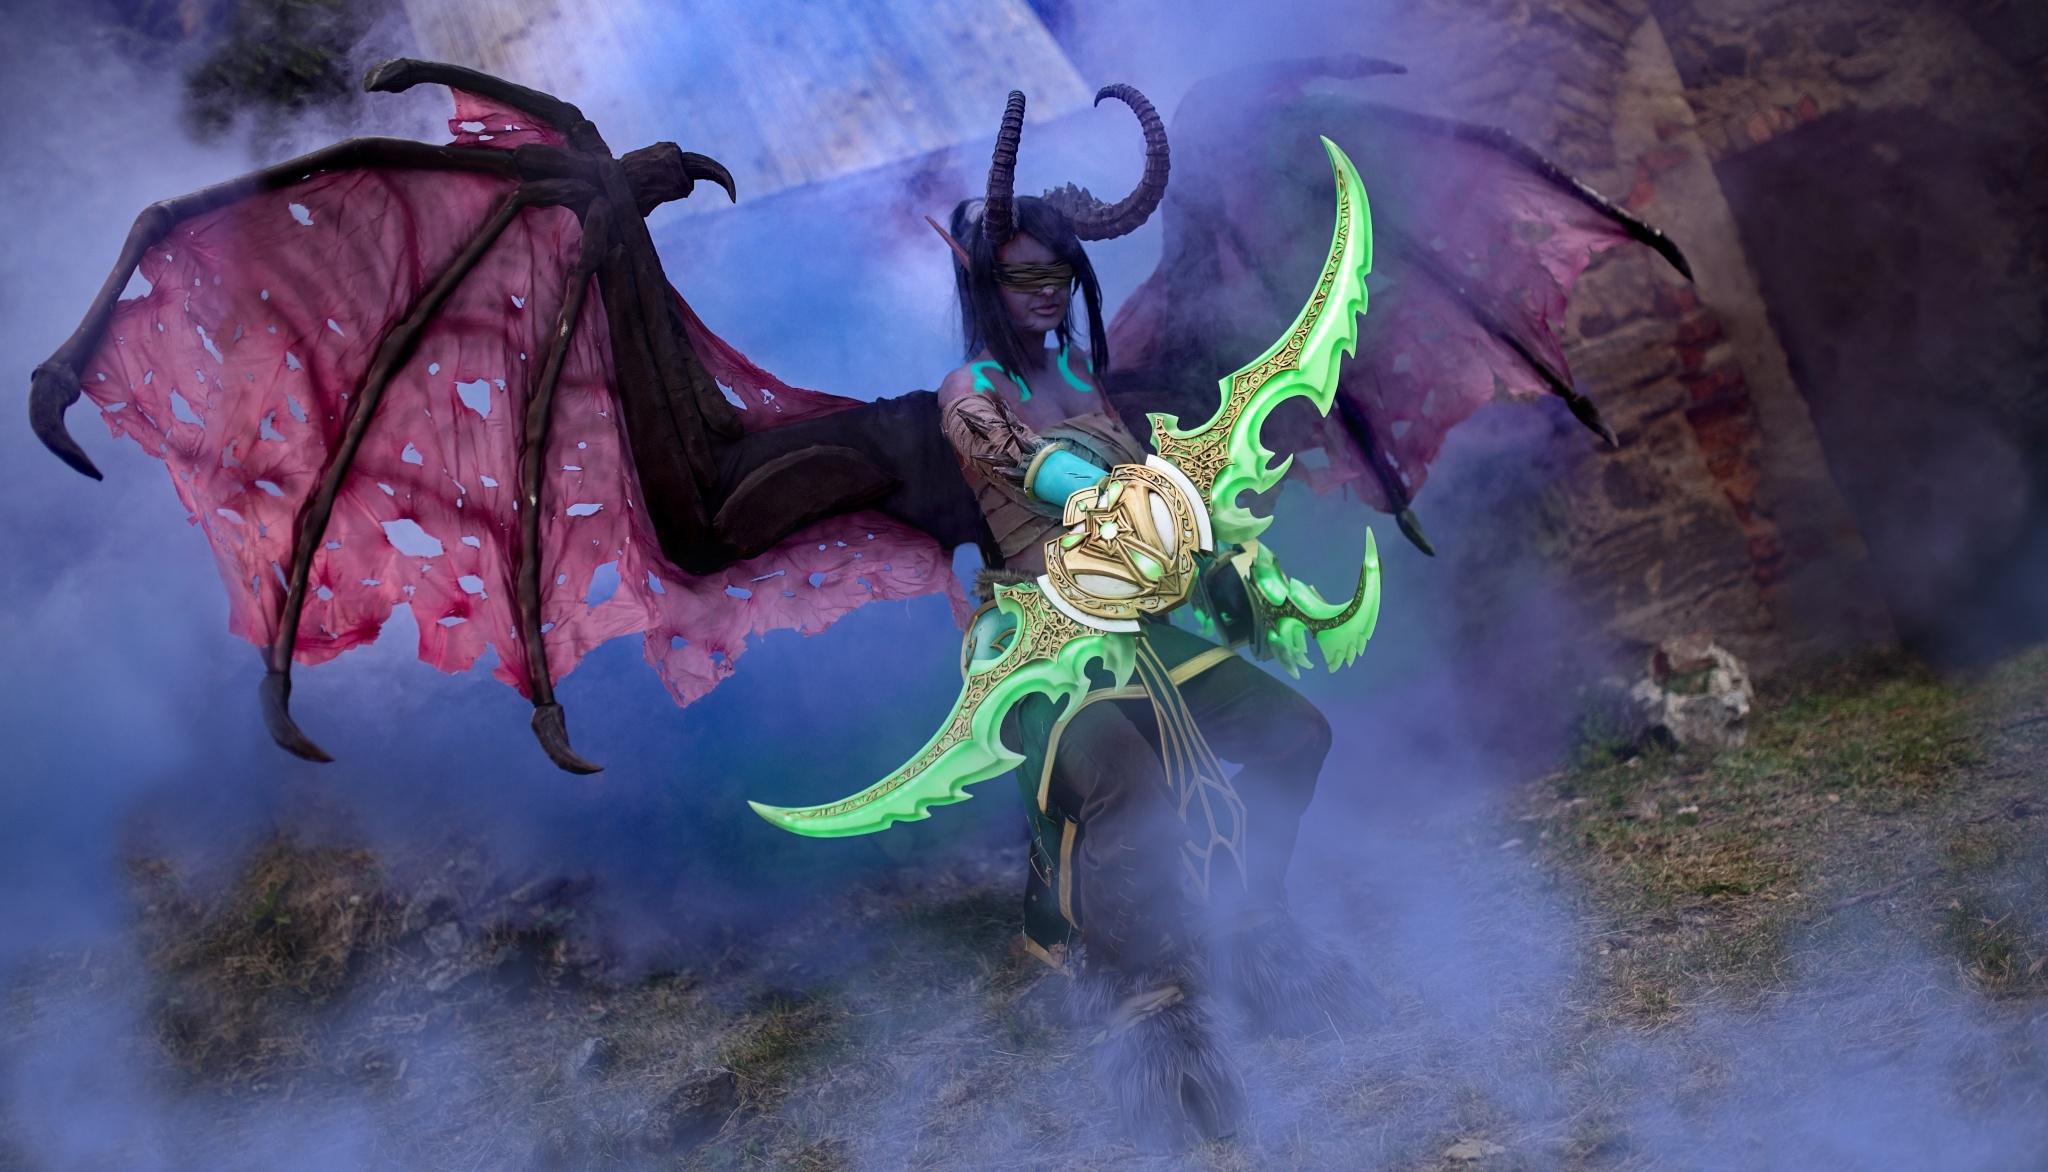 Jak fotit cosplay: základem je dobrý kostým, příprava a inspirace - Warcraft